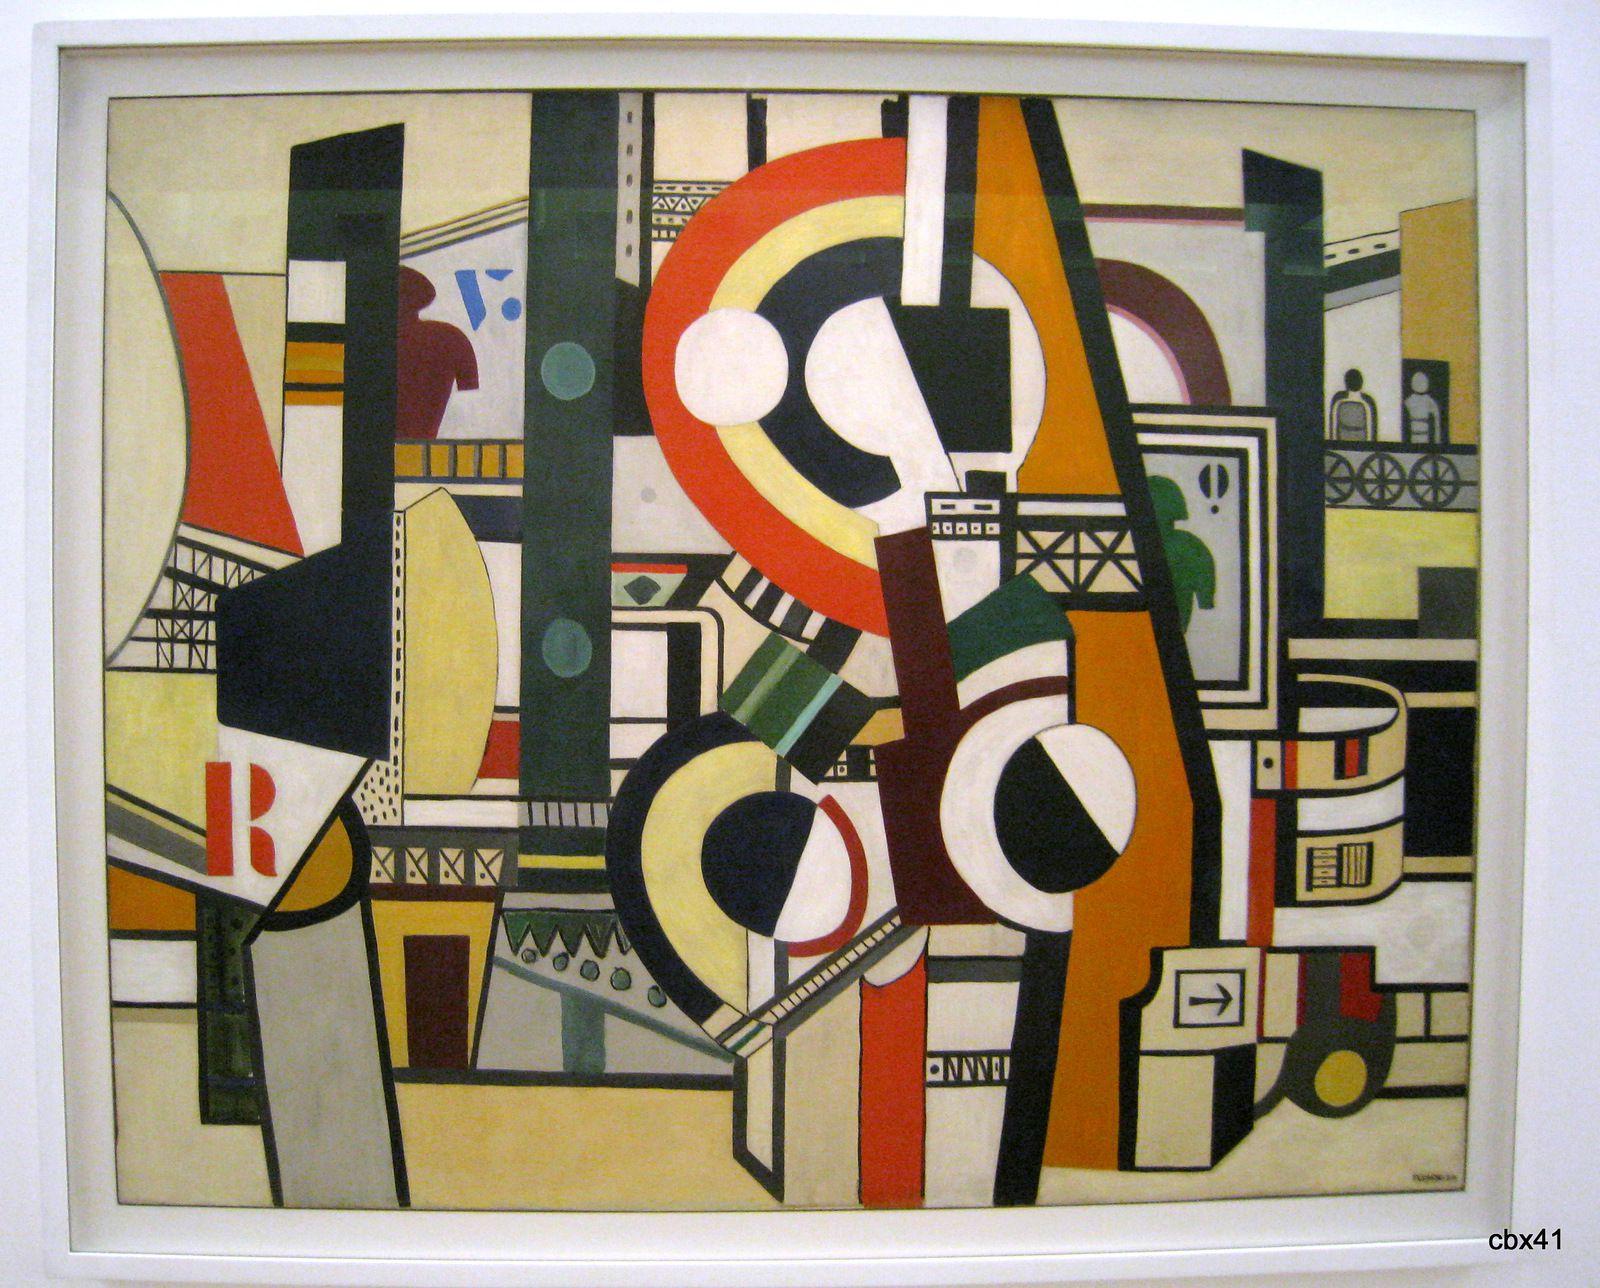 Fernand Léger, Les disques dans la ville